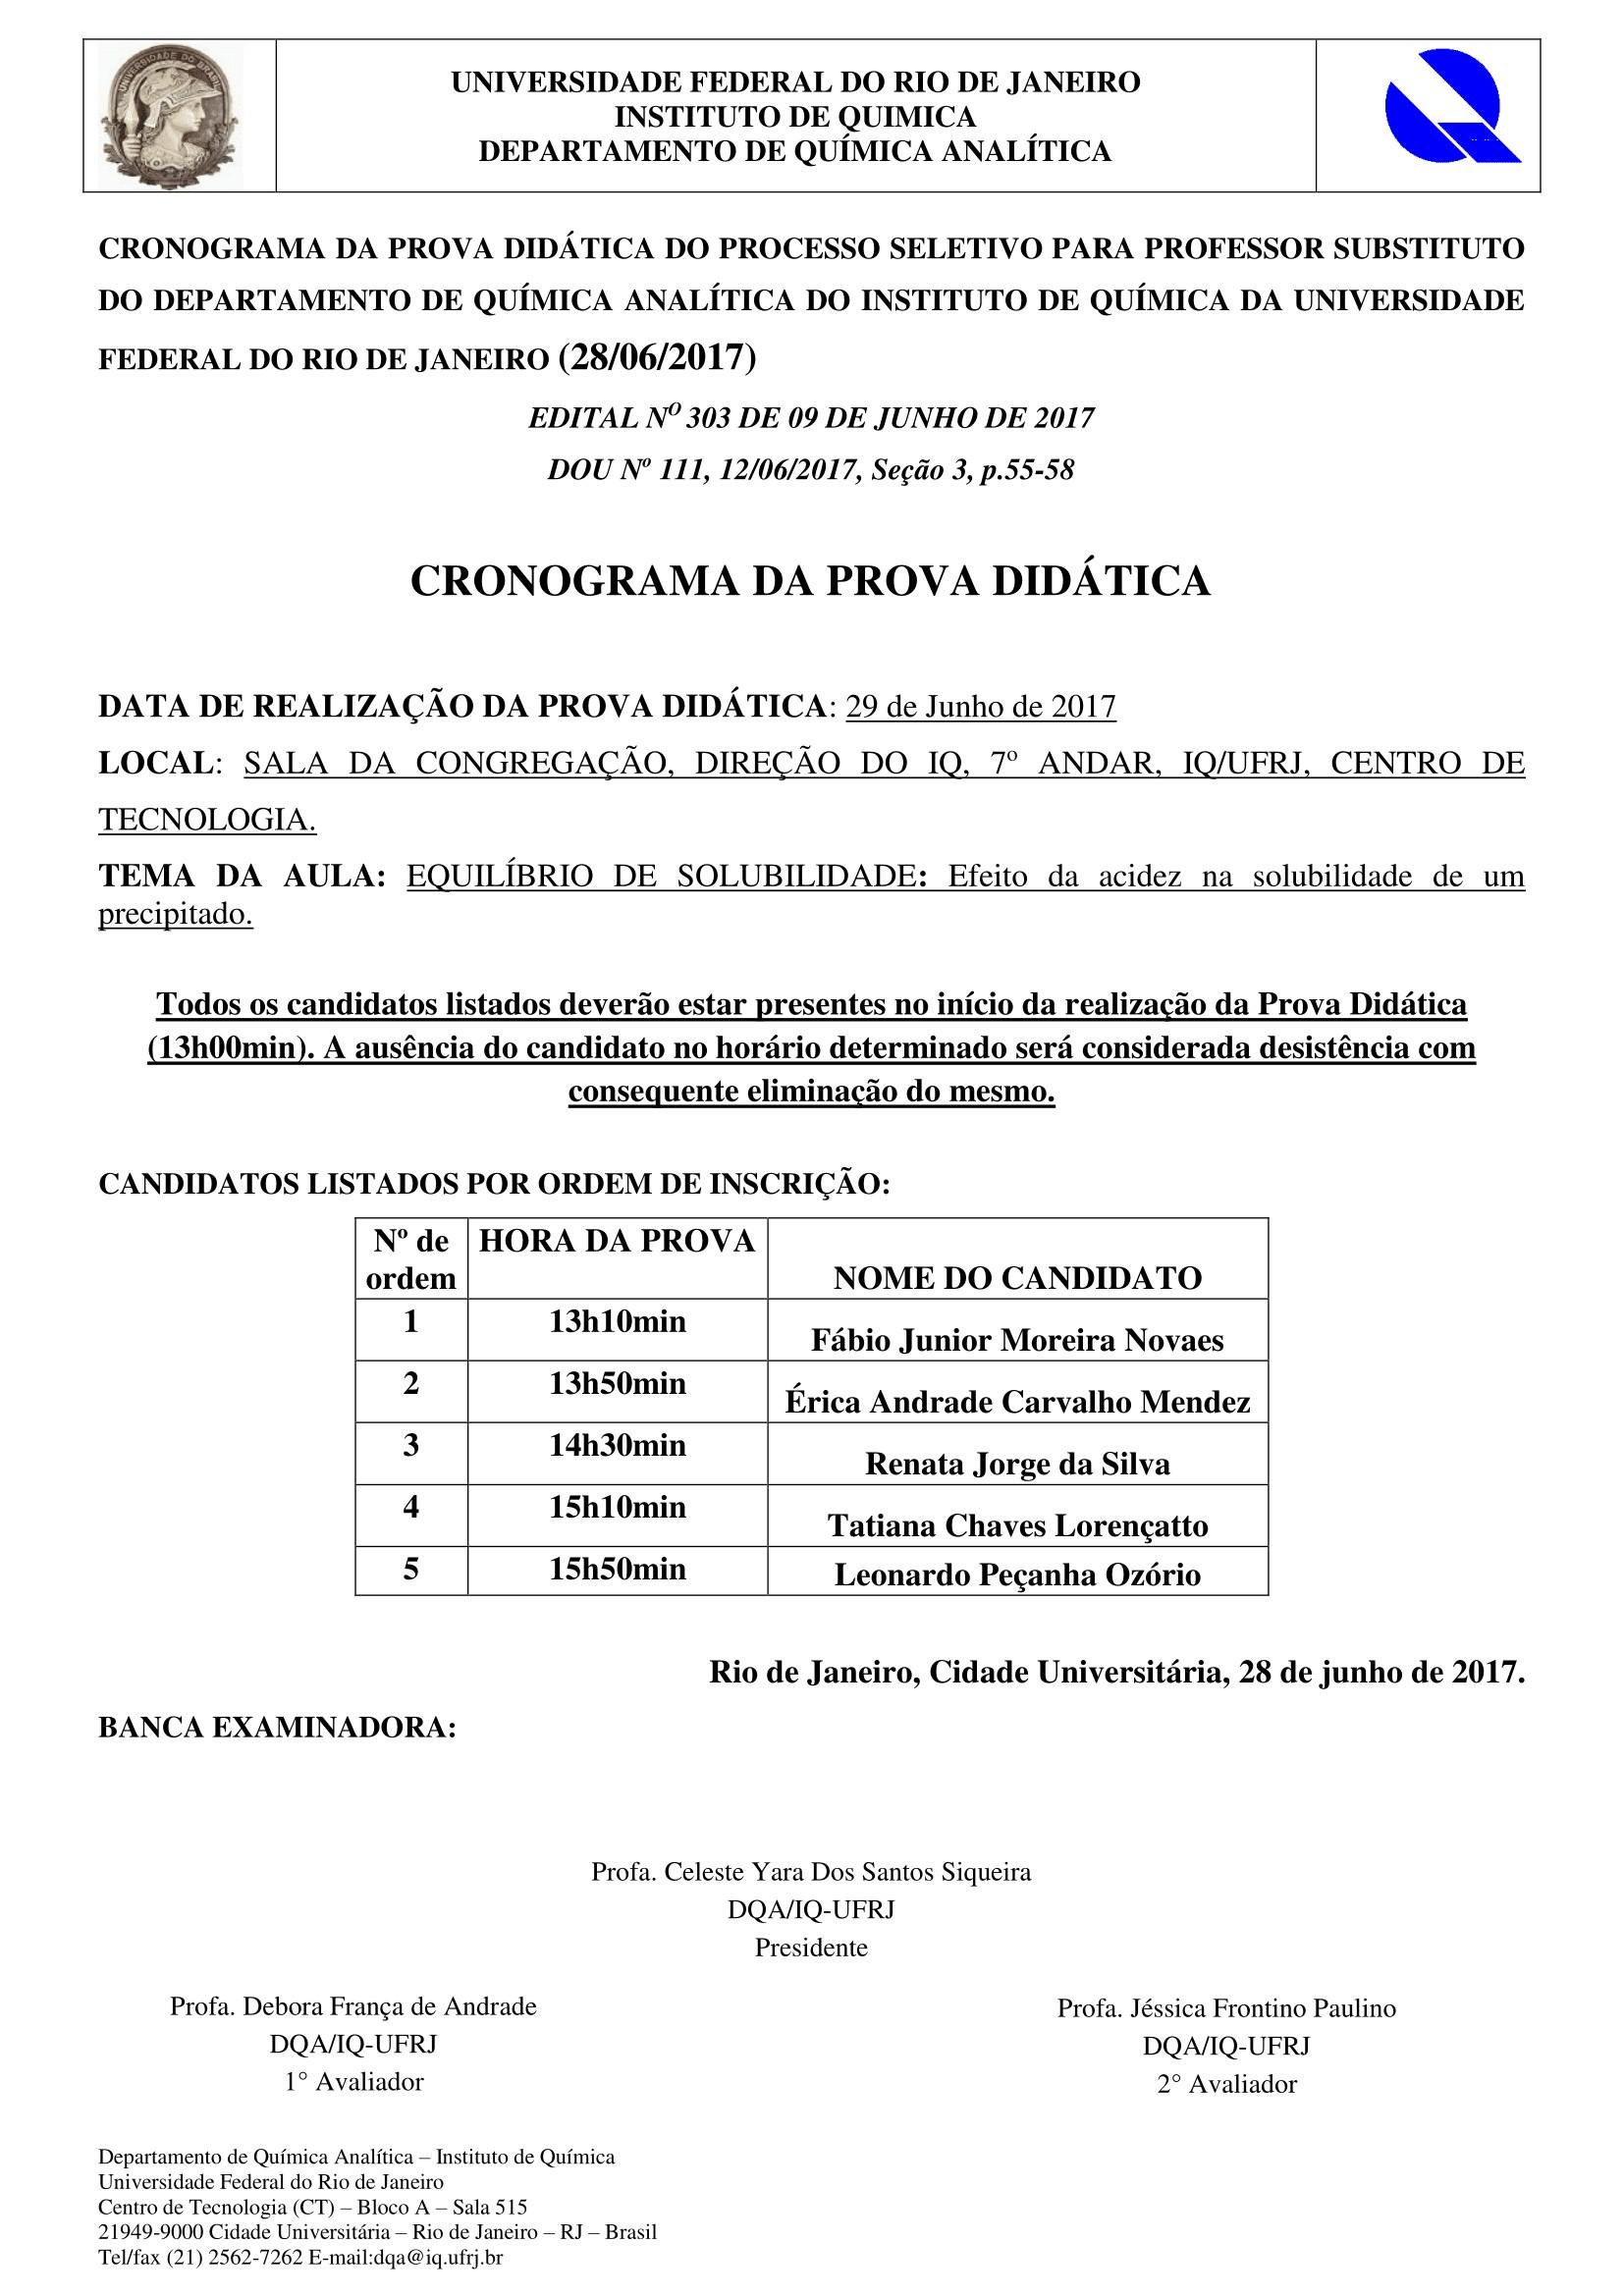 Calendario 2019 Brasileiro Vetor Más Arriba-a-fecha Notcias Do Iq Of Calendario 2019 Brasileiro Vetor Mejores Y Más Novedosos Revisar Calendario 2019 Feriados Brasil